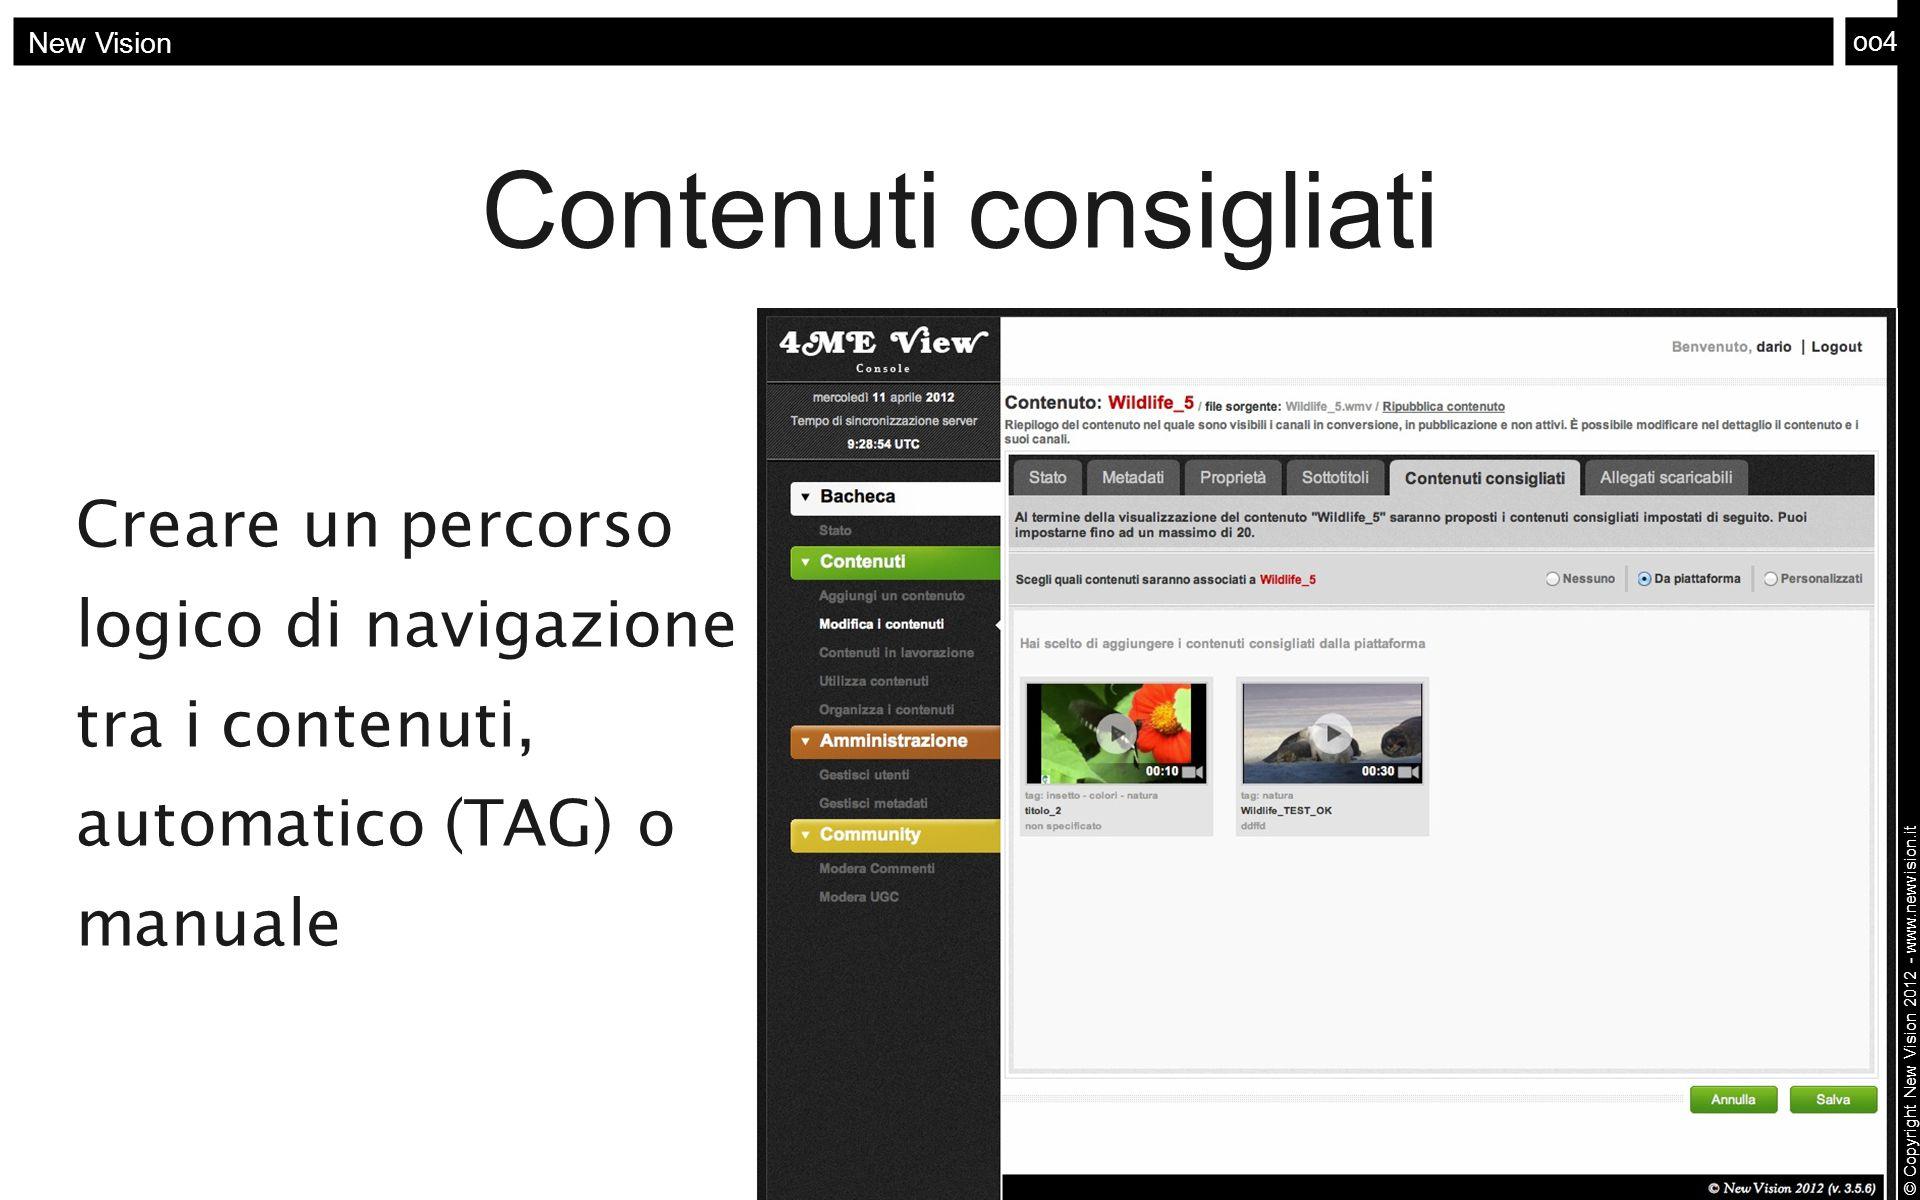 oo4 New Vision © Copyright New Vision 2012 - www.newvision.it Contenuti consigliati Creare un percorso logico di navigazione tra i contenuti, automati